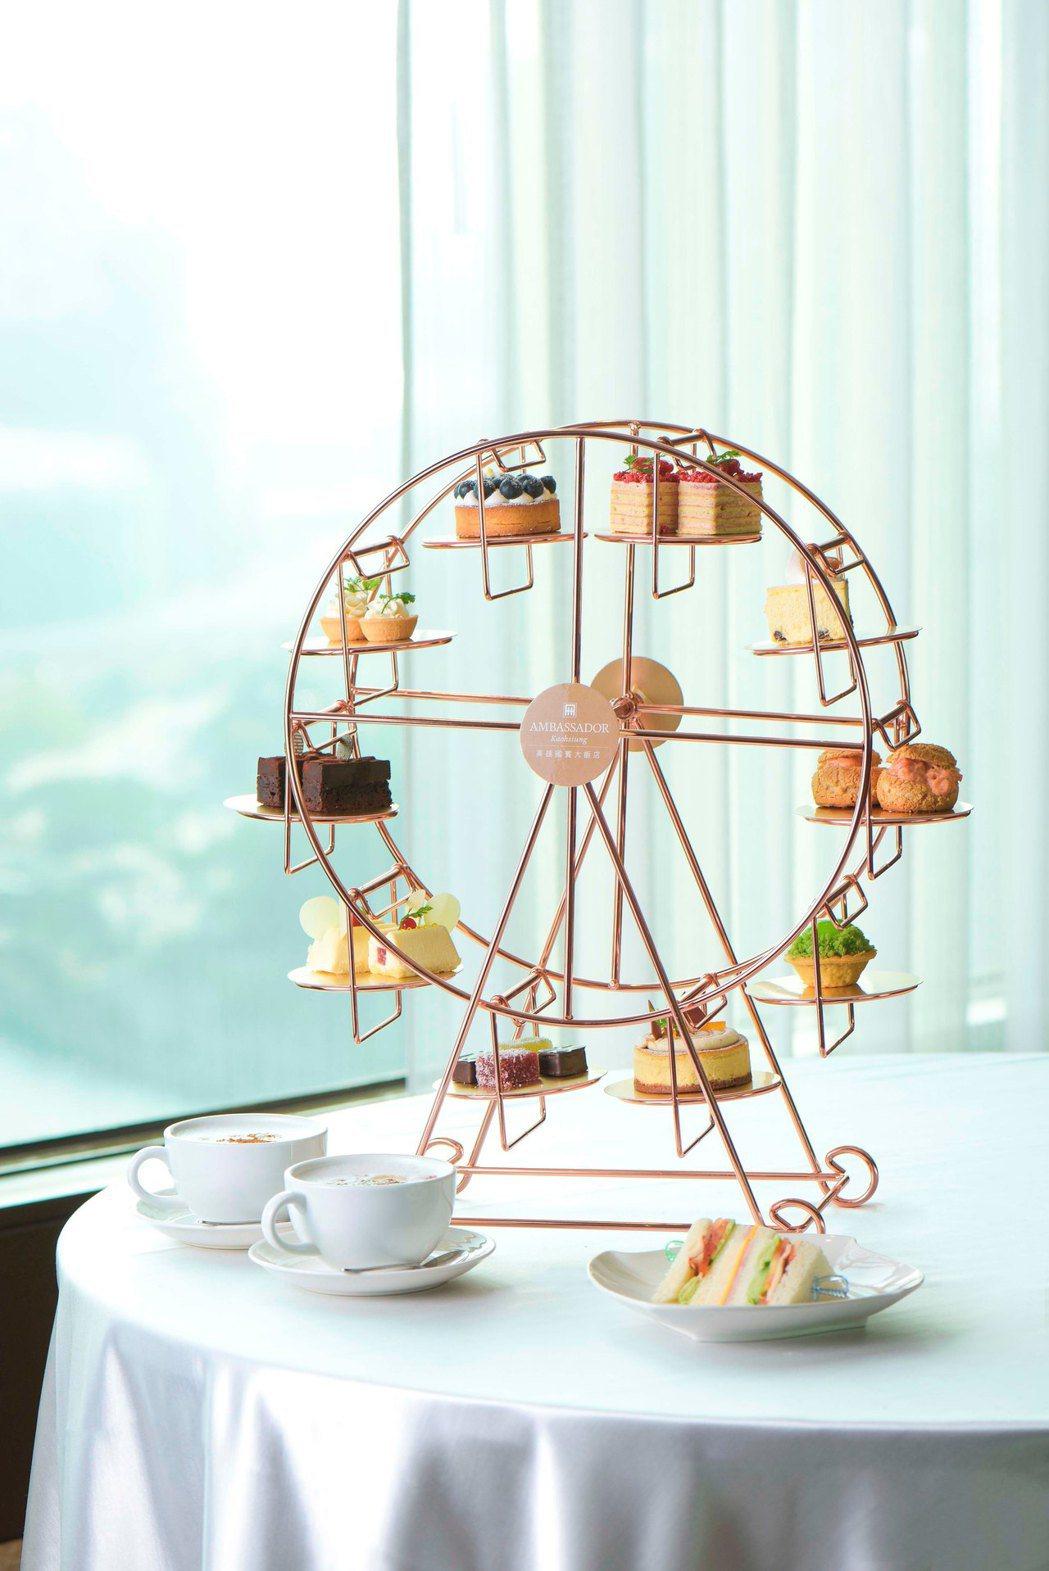 摩天輪下午茶。業者/提供